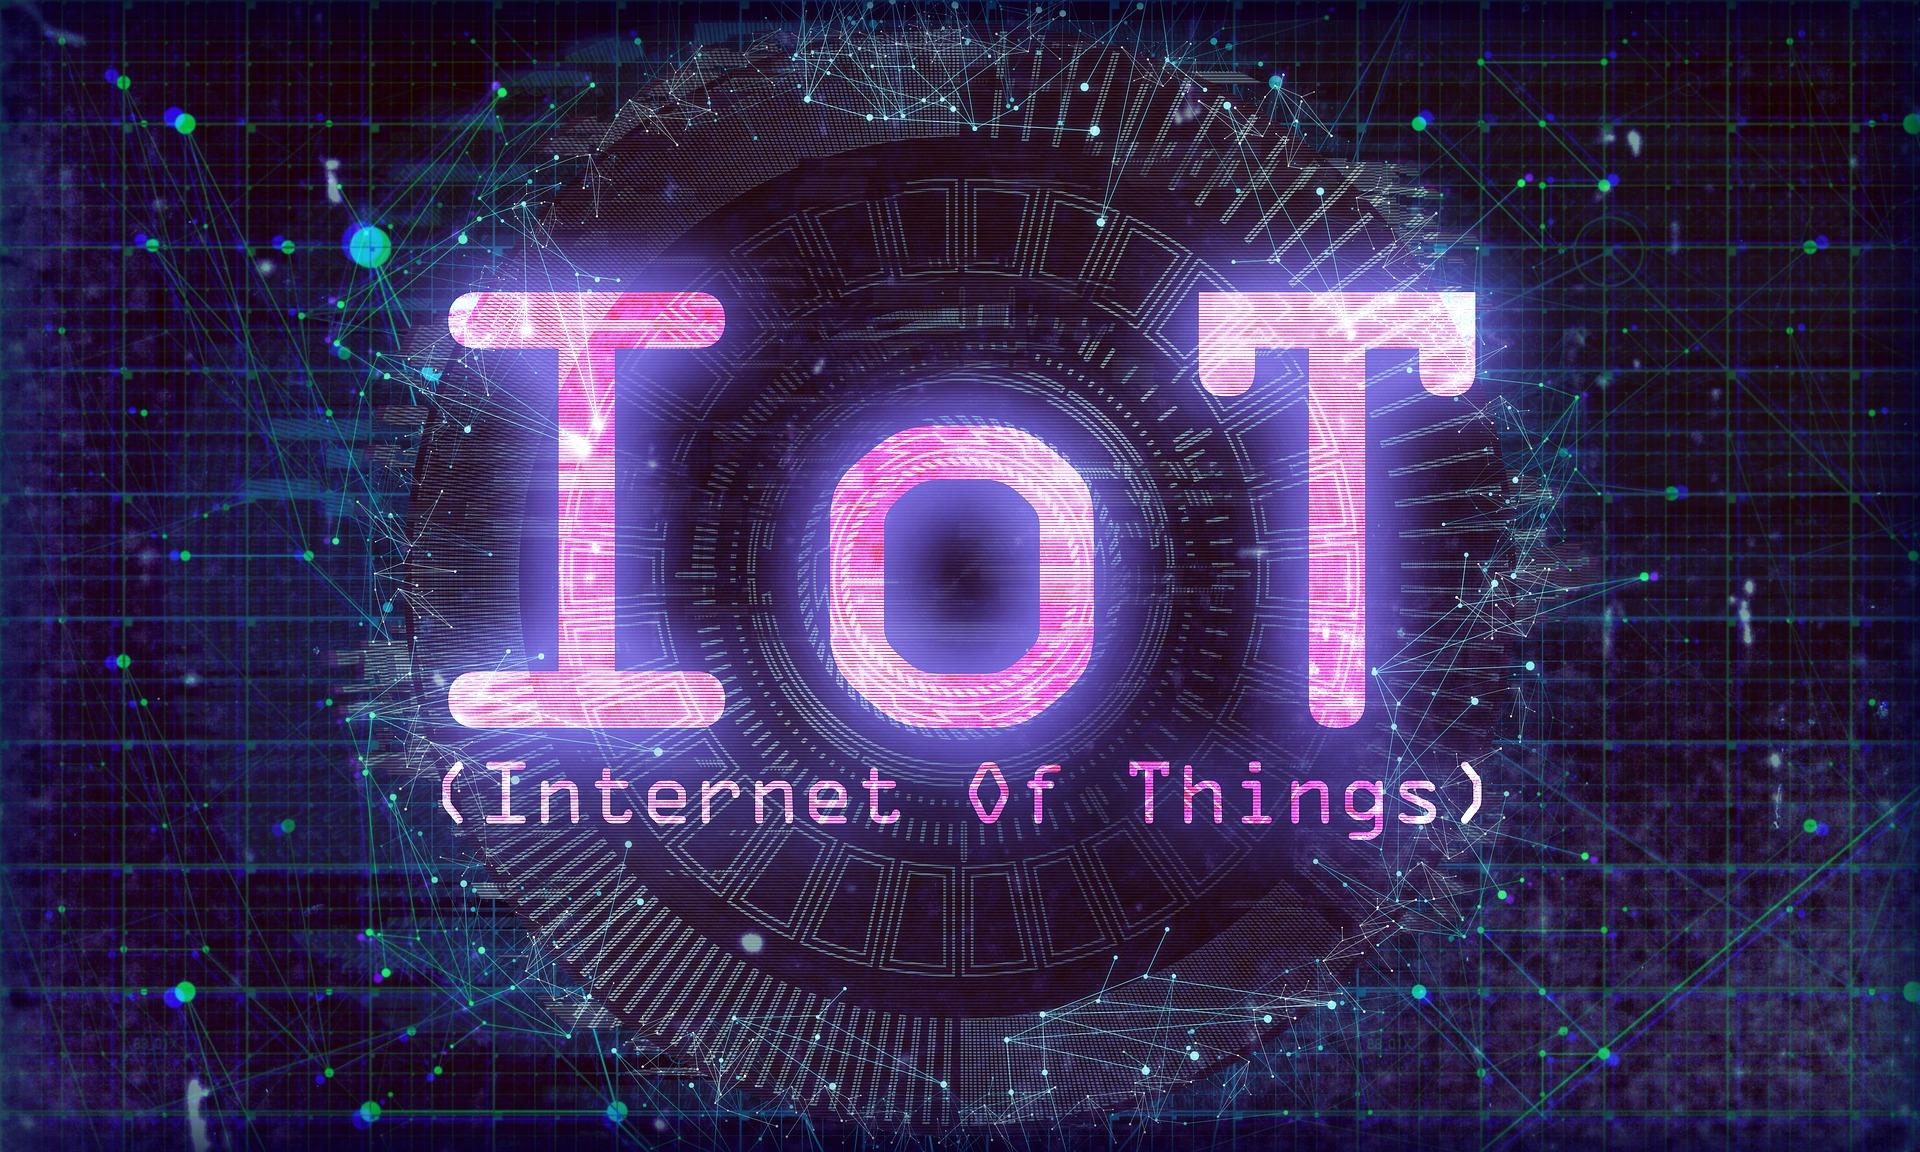 Dolgok internete internet of things I Cryptofalka